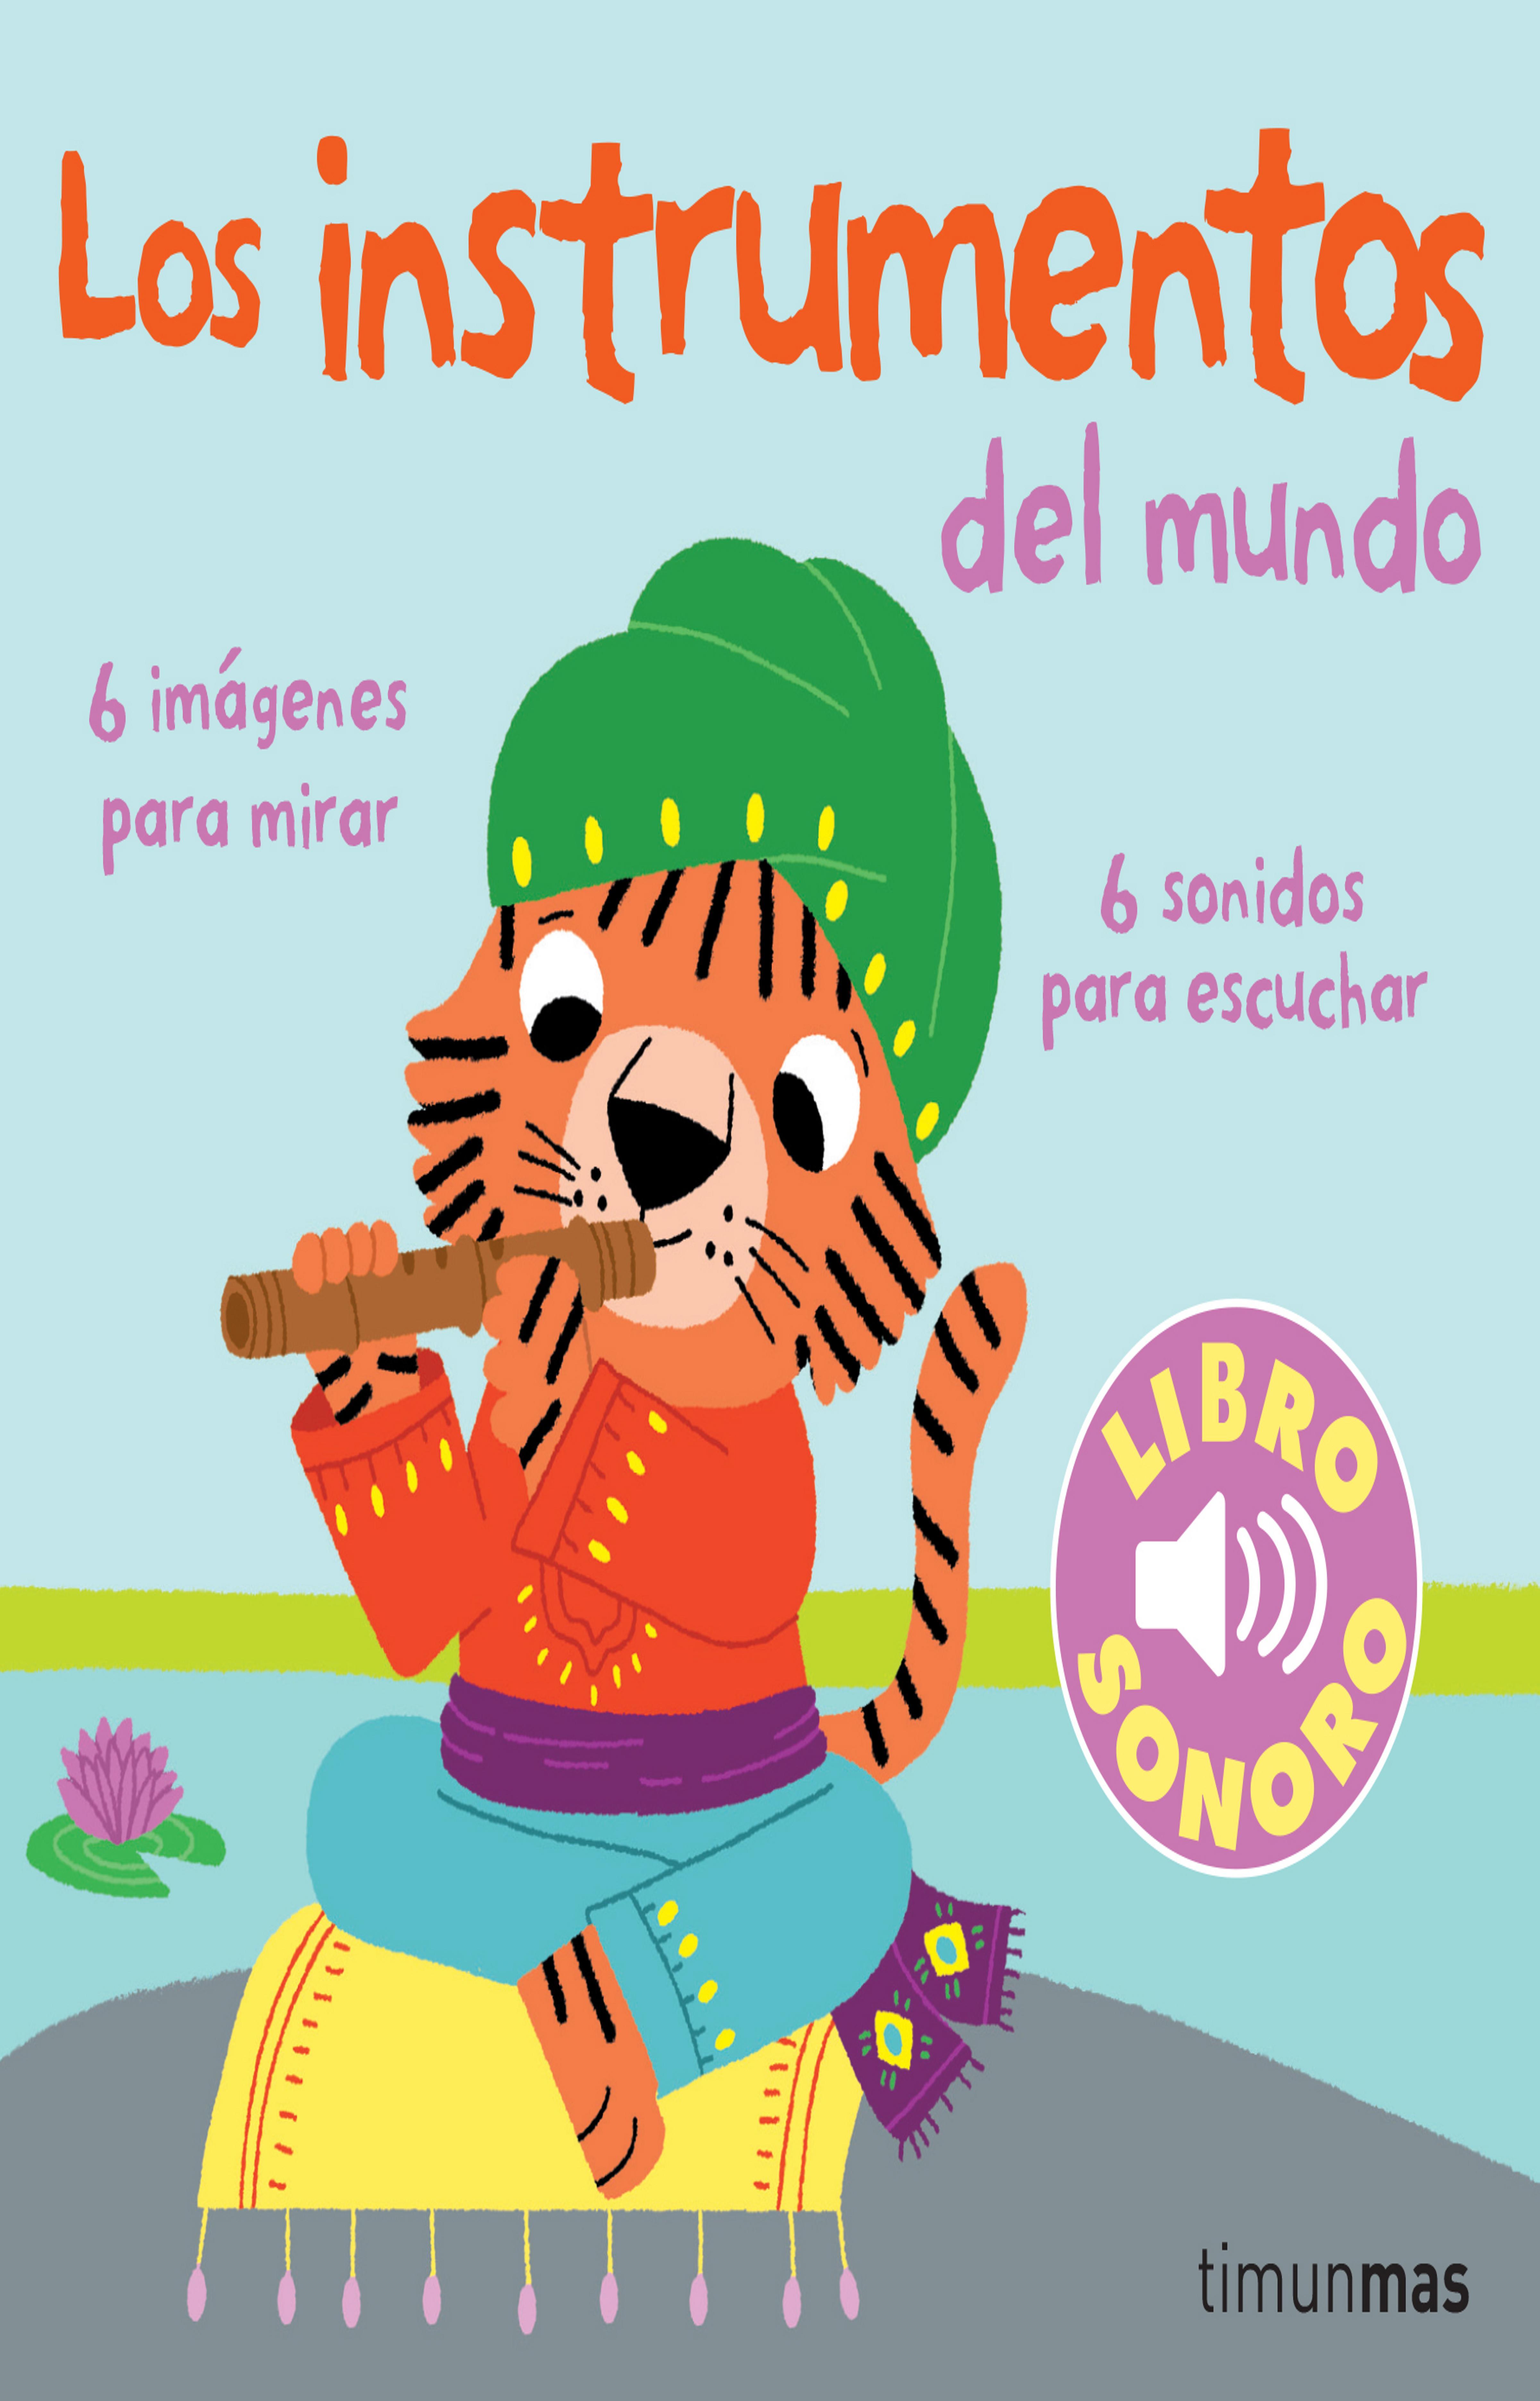 INSTRUMENTOS DEL MUNDO, LOS - Libro Sonoro